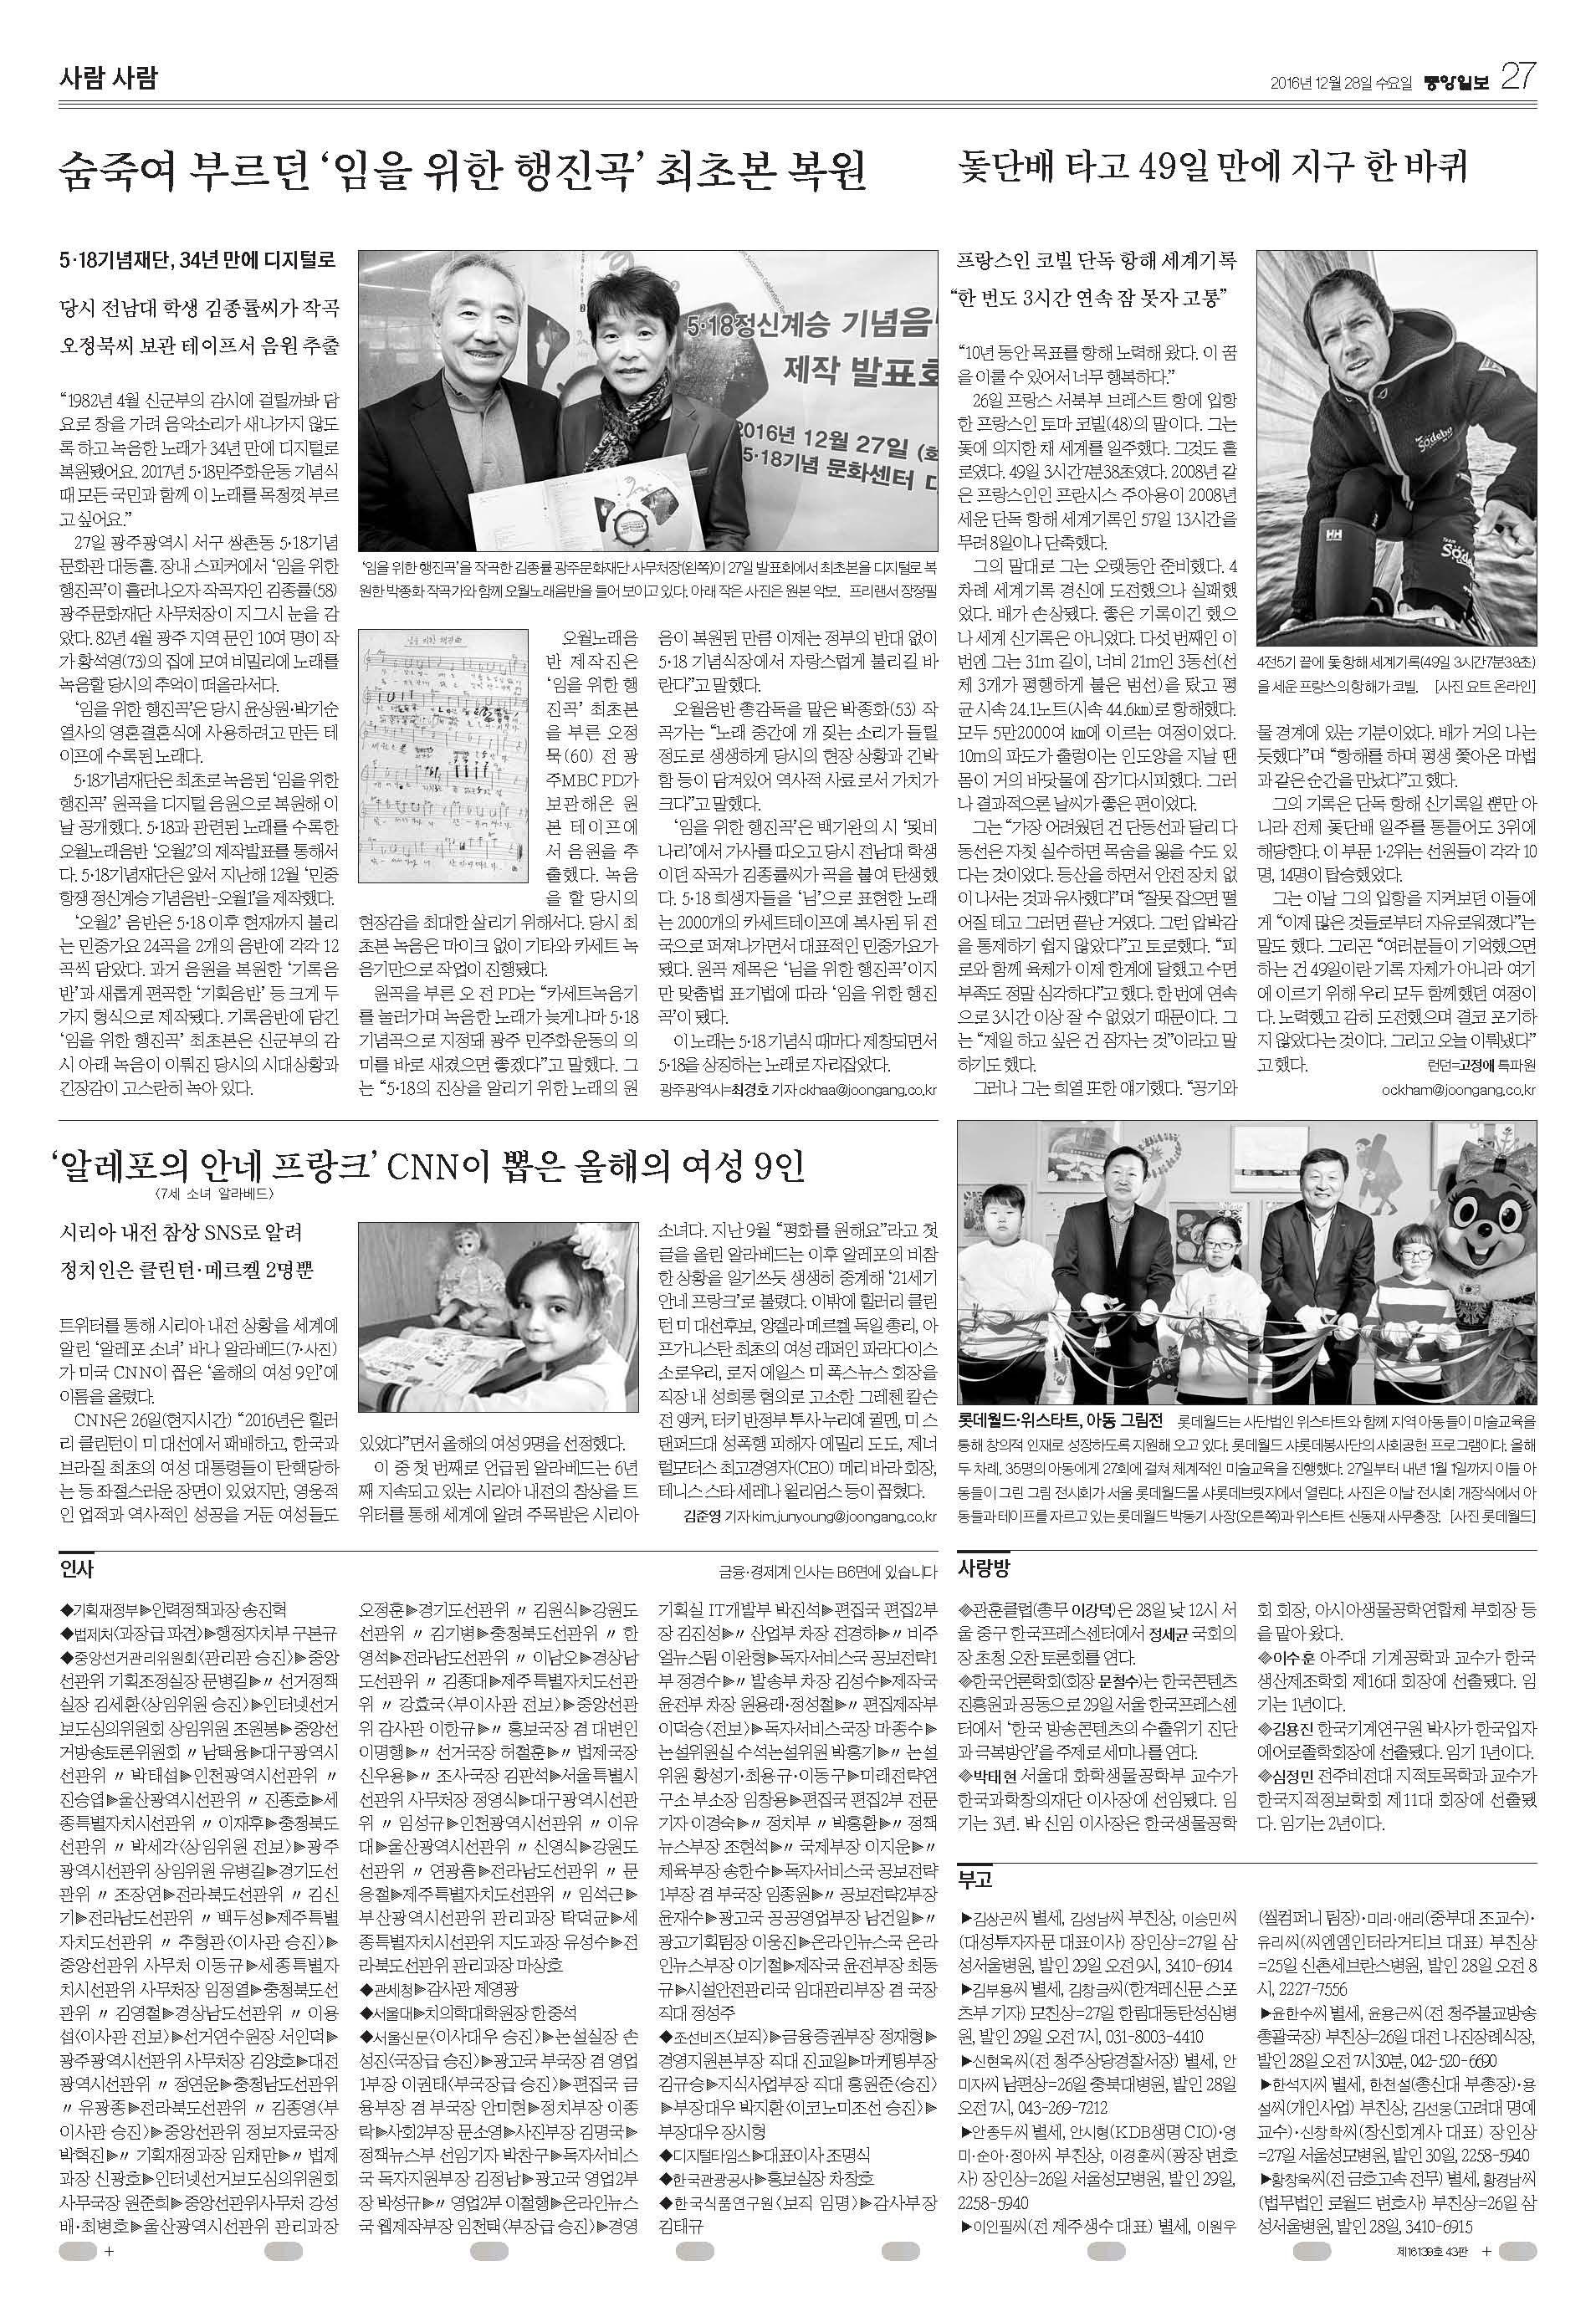 2016년 12월 28일자 중앙일보 27면 롯데월드 드림Art스테이지 전시회 개최